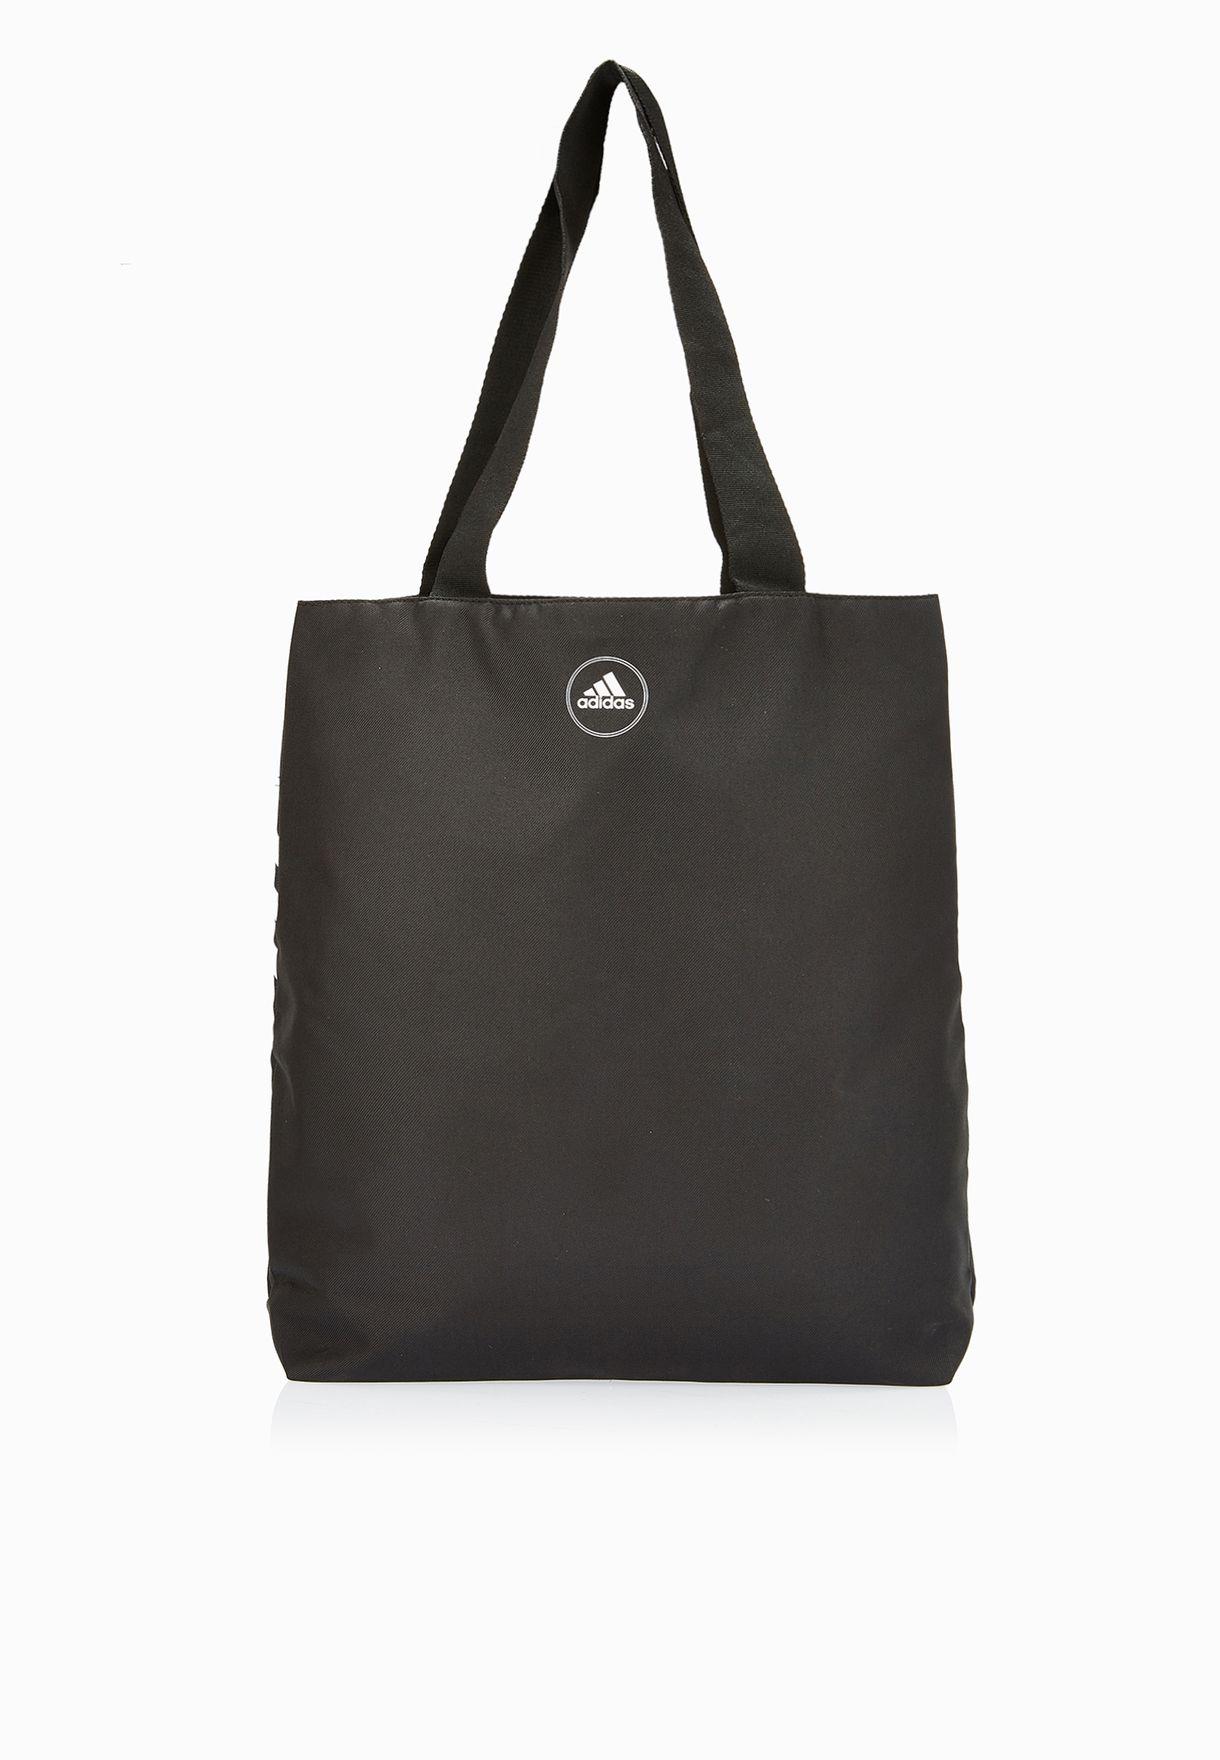 6a456d930e Shop adidas black 3S Shopper AJ9793 for Women in UAE - AD476AC48PNN